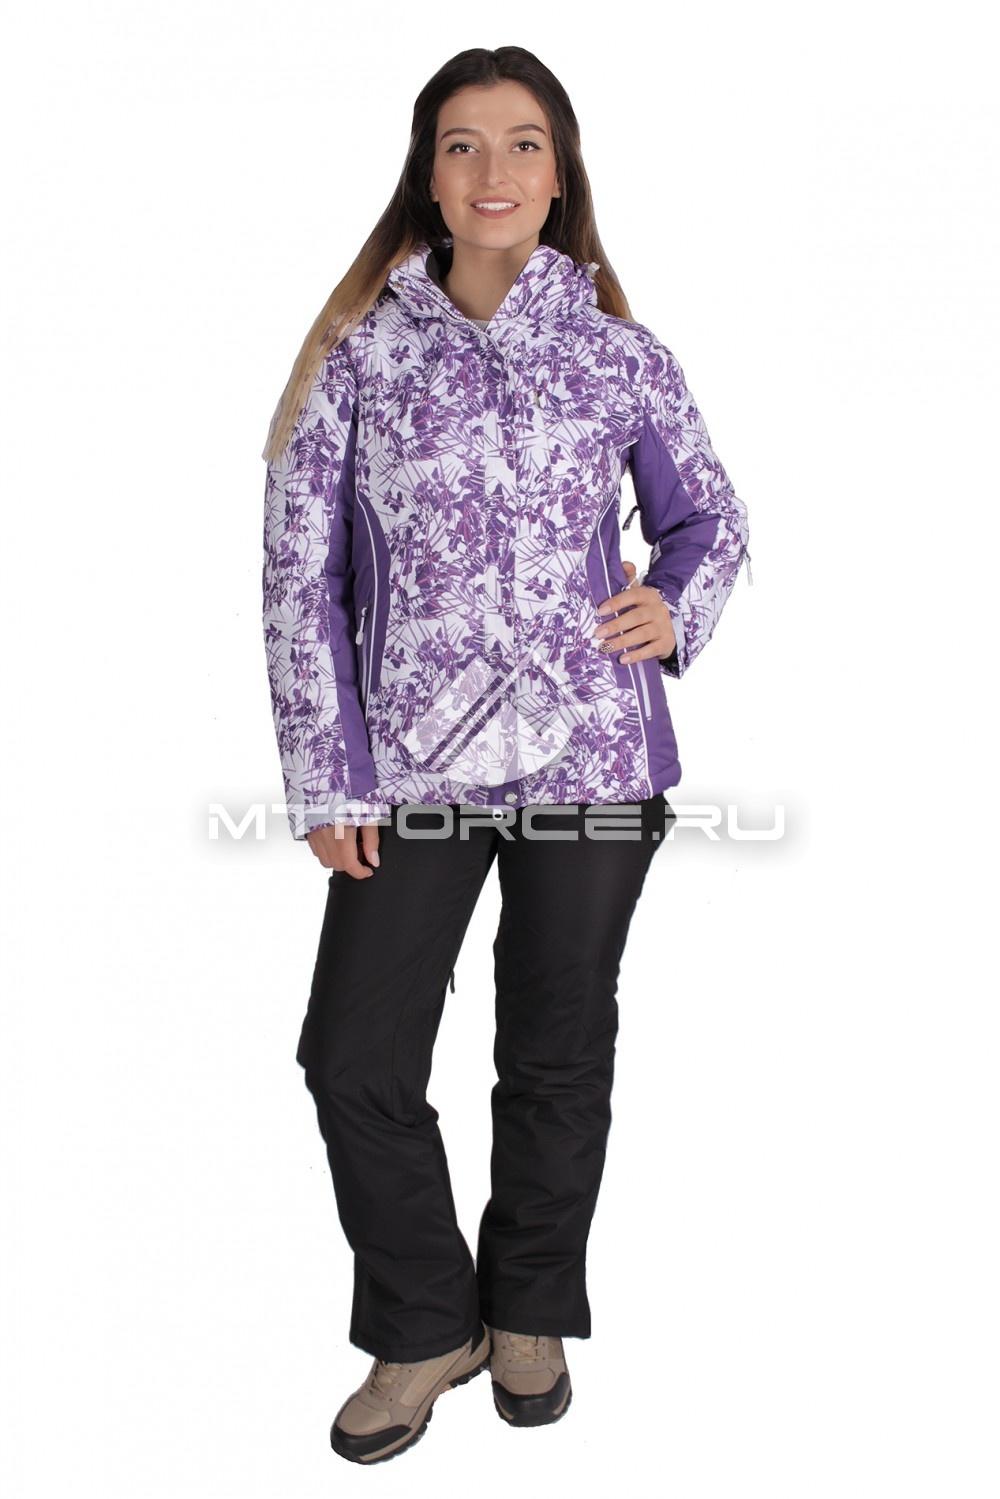 Купить  оптом Костюм горнолыжный женский фиолетового цвета 015151F